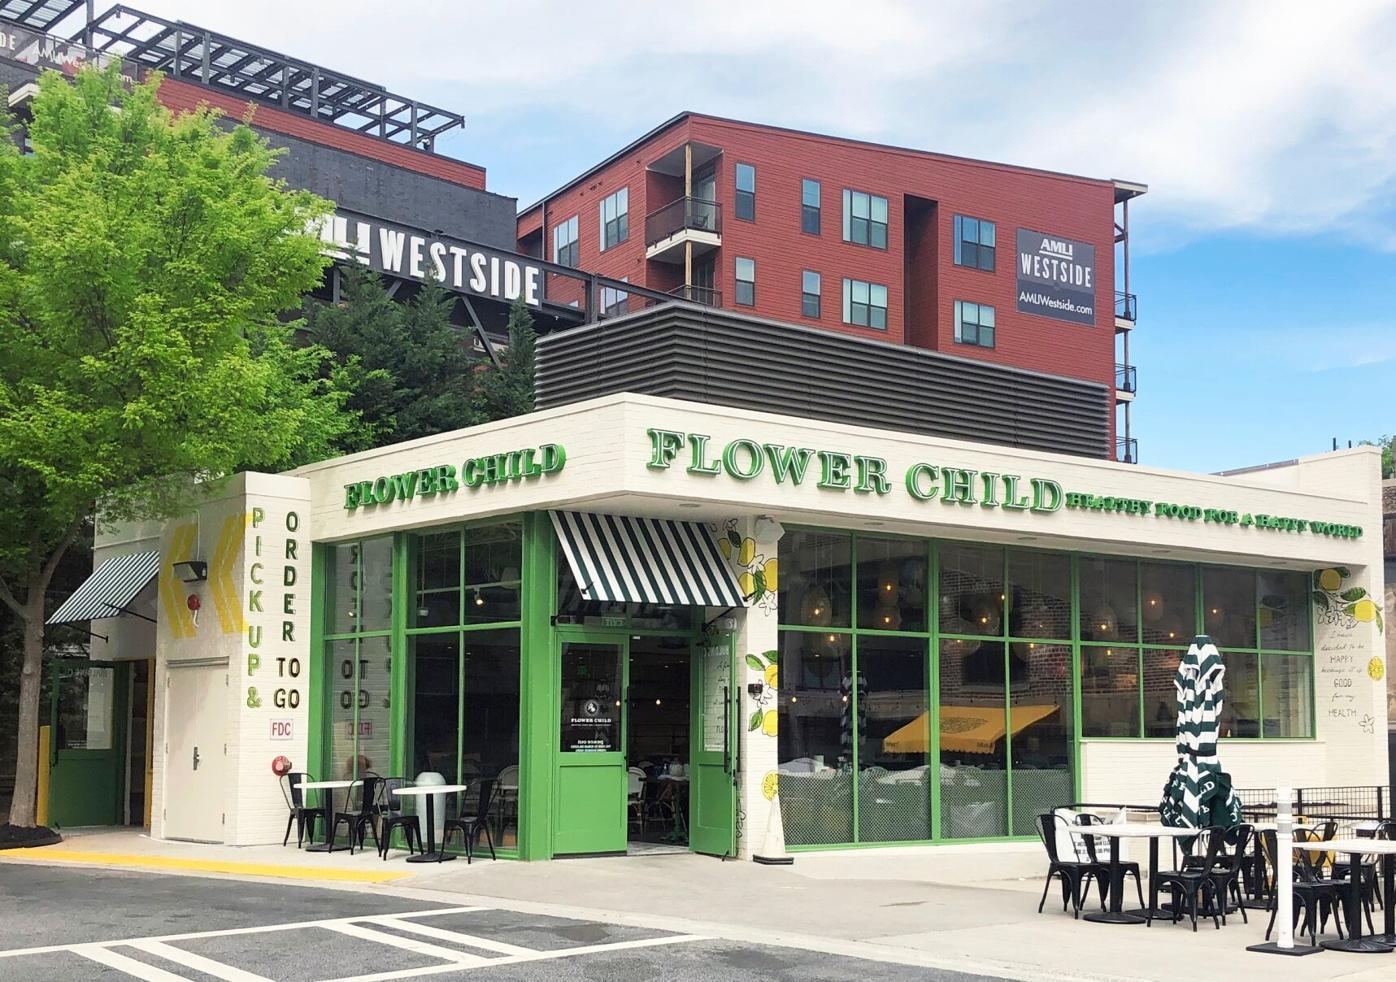 050521_MNS_Flower_Child Flower Child west Midtown